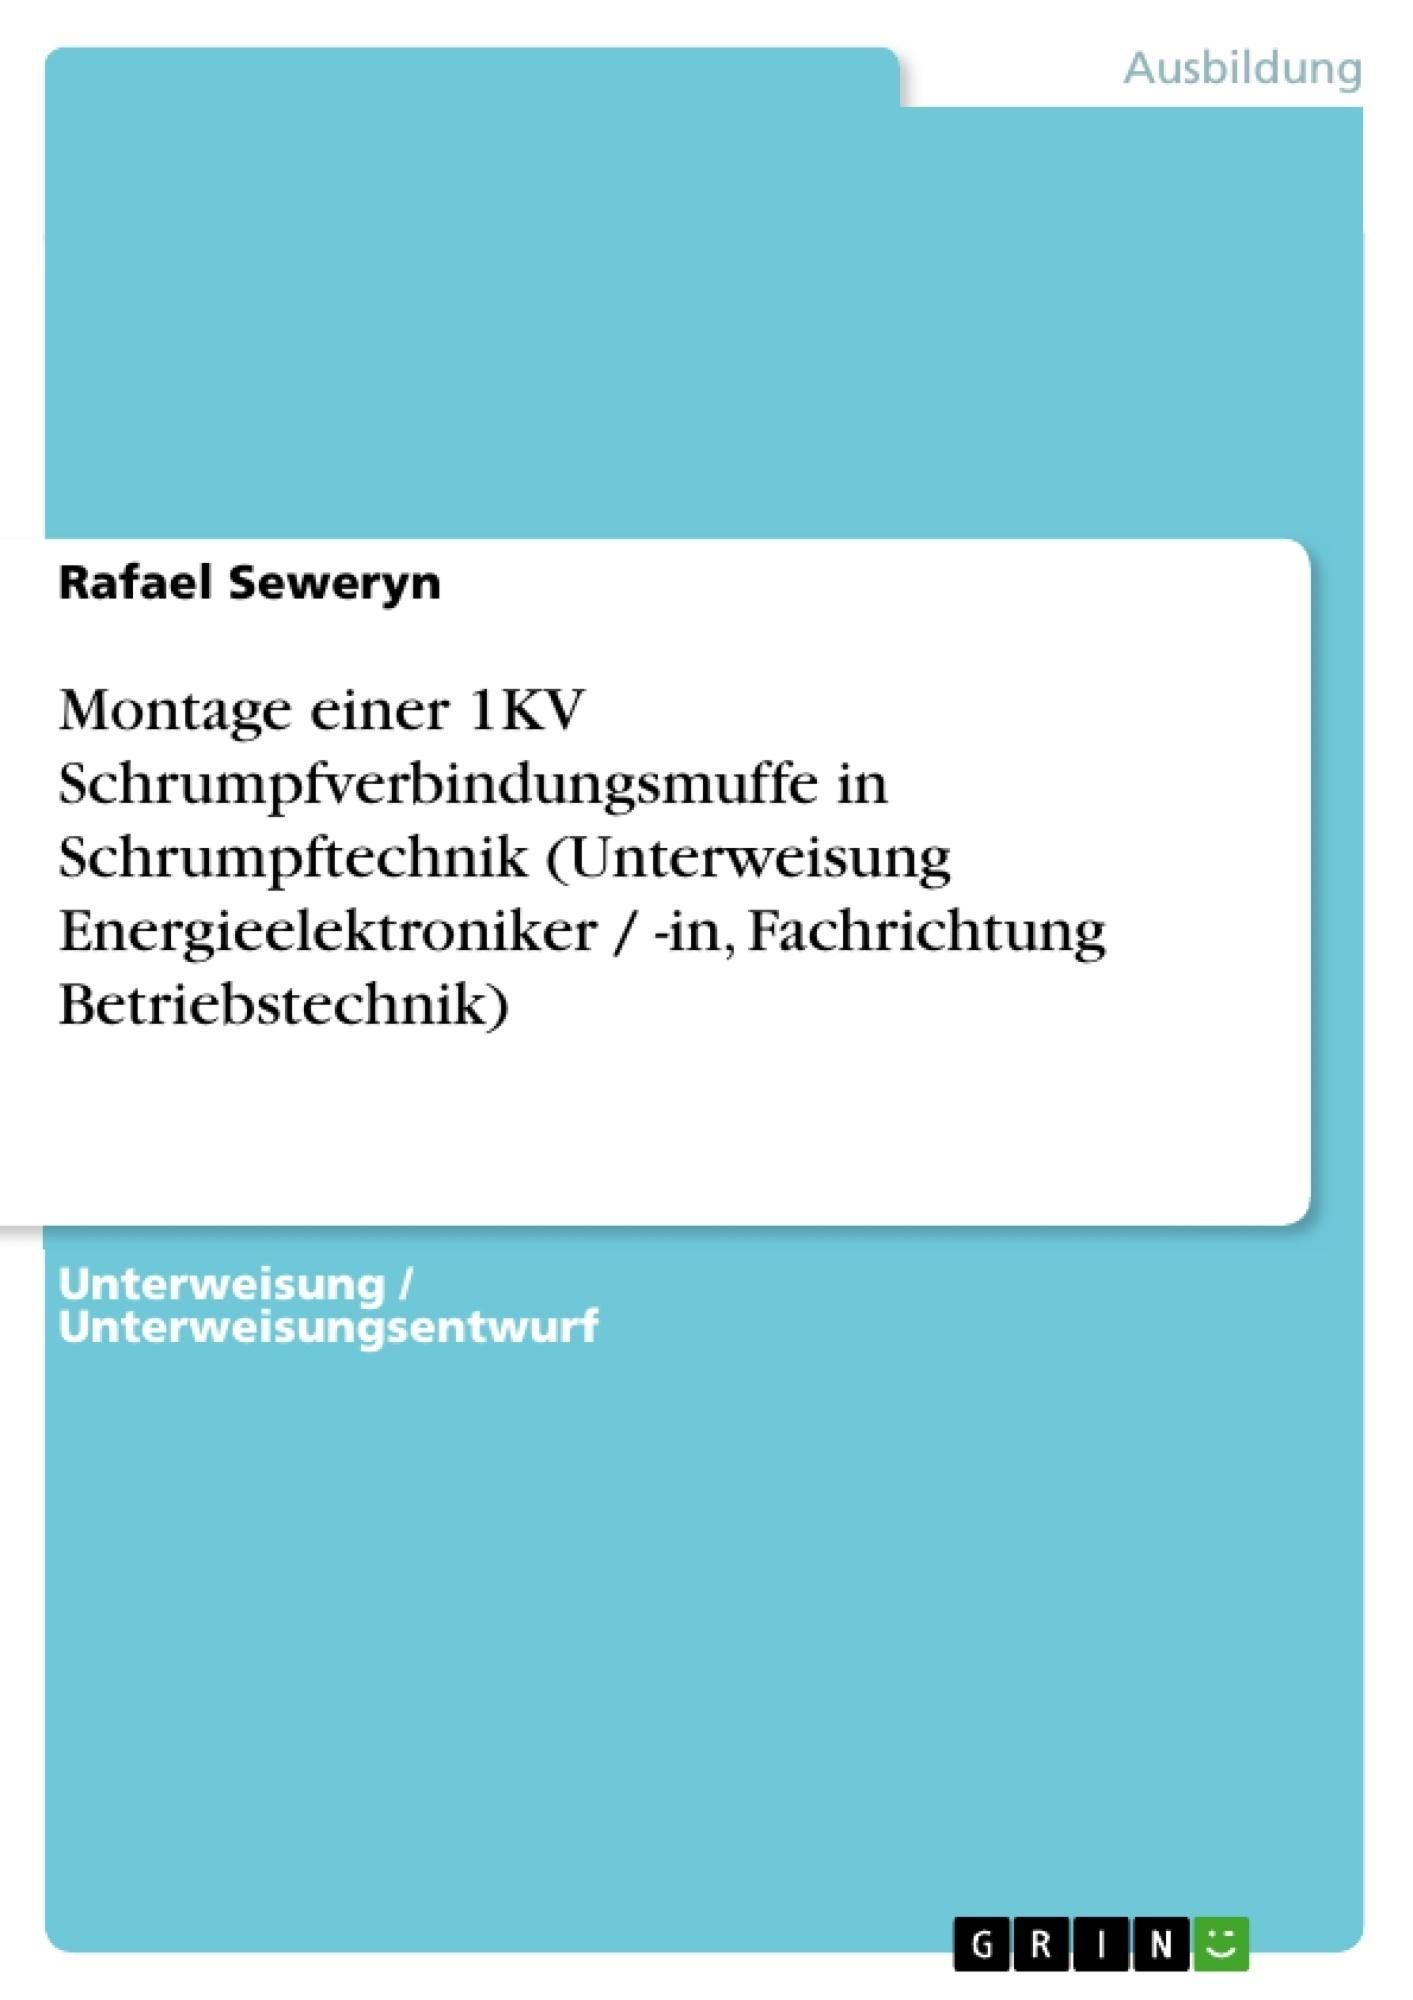 Titel: Montage einer 1KV Schrumpfverbindungsmuffe in Schrumpftechnik (Unterweisung Energieelektroniker / -in, Fachrichtung Betriebstechnik)